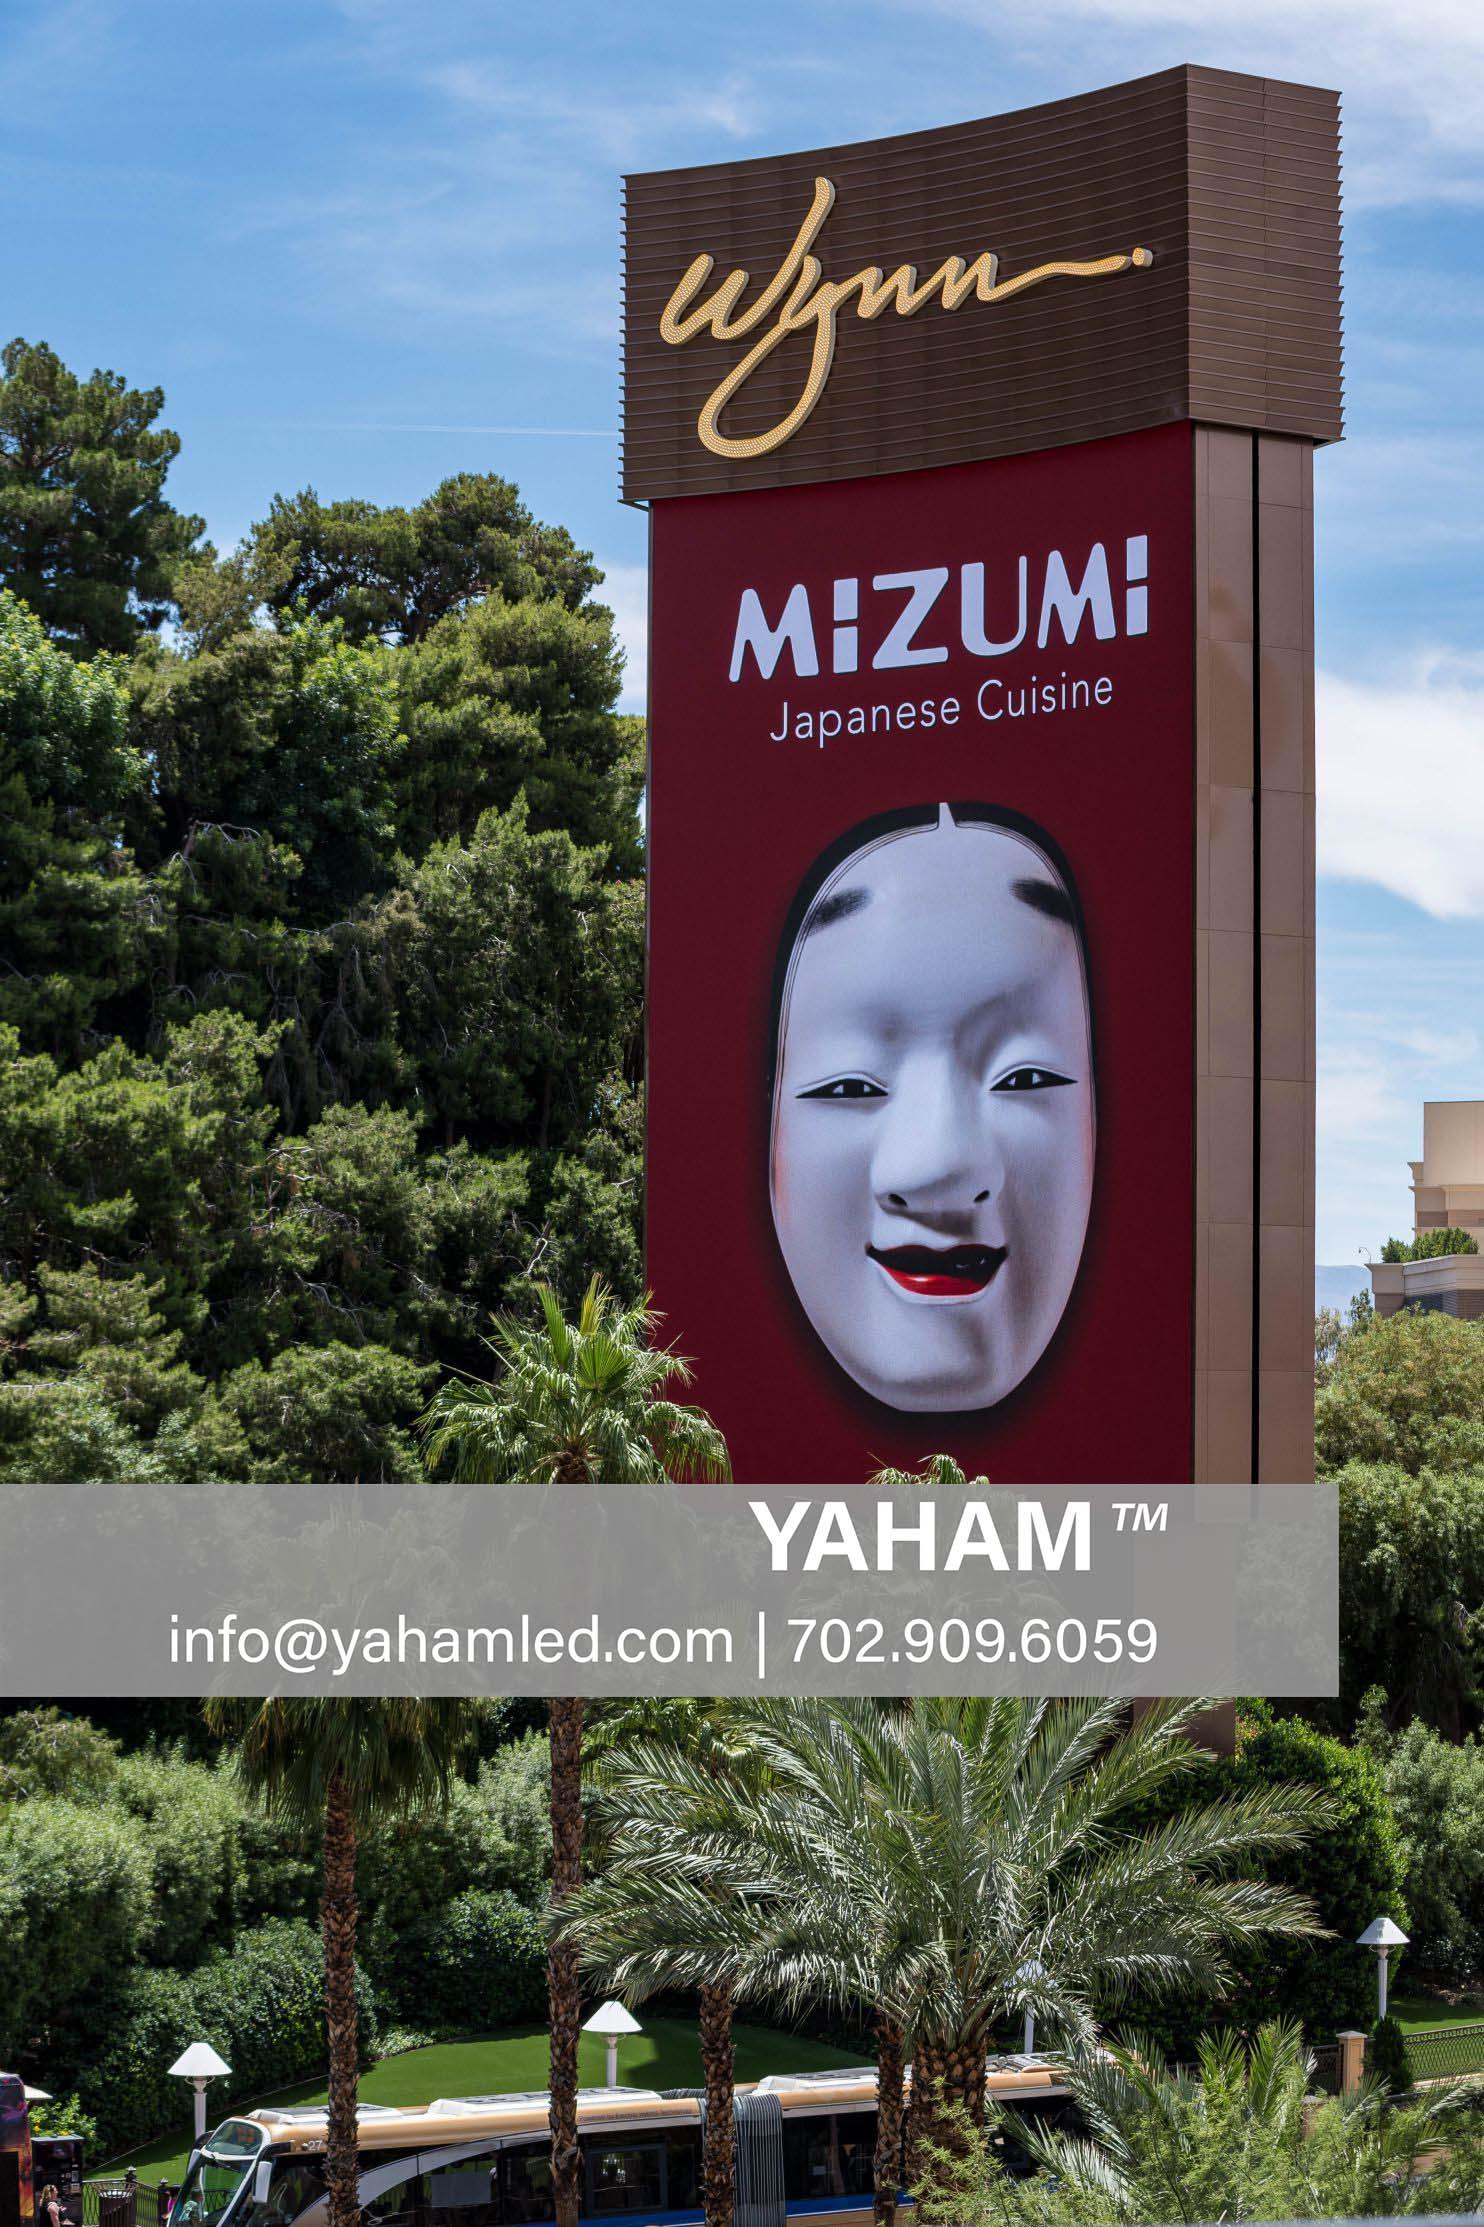 Wynn outdoor digital signs